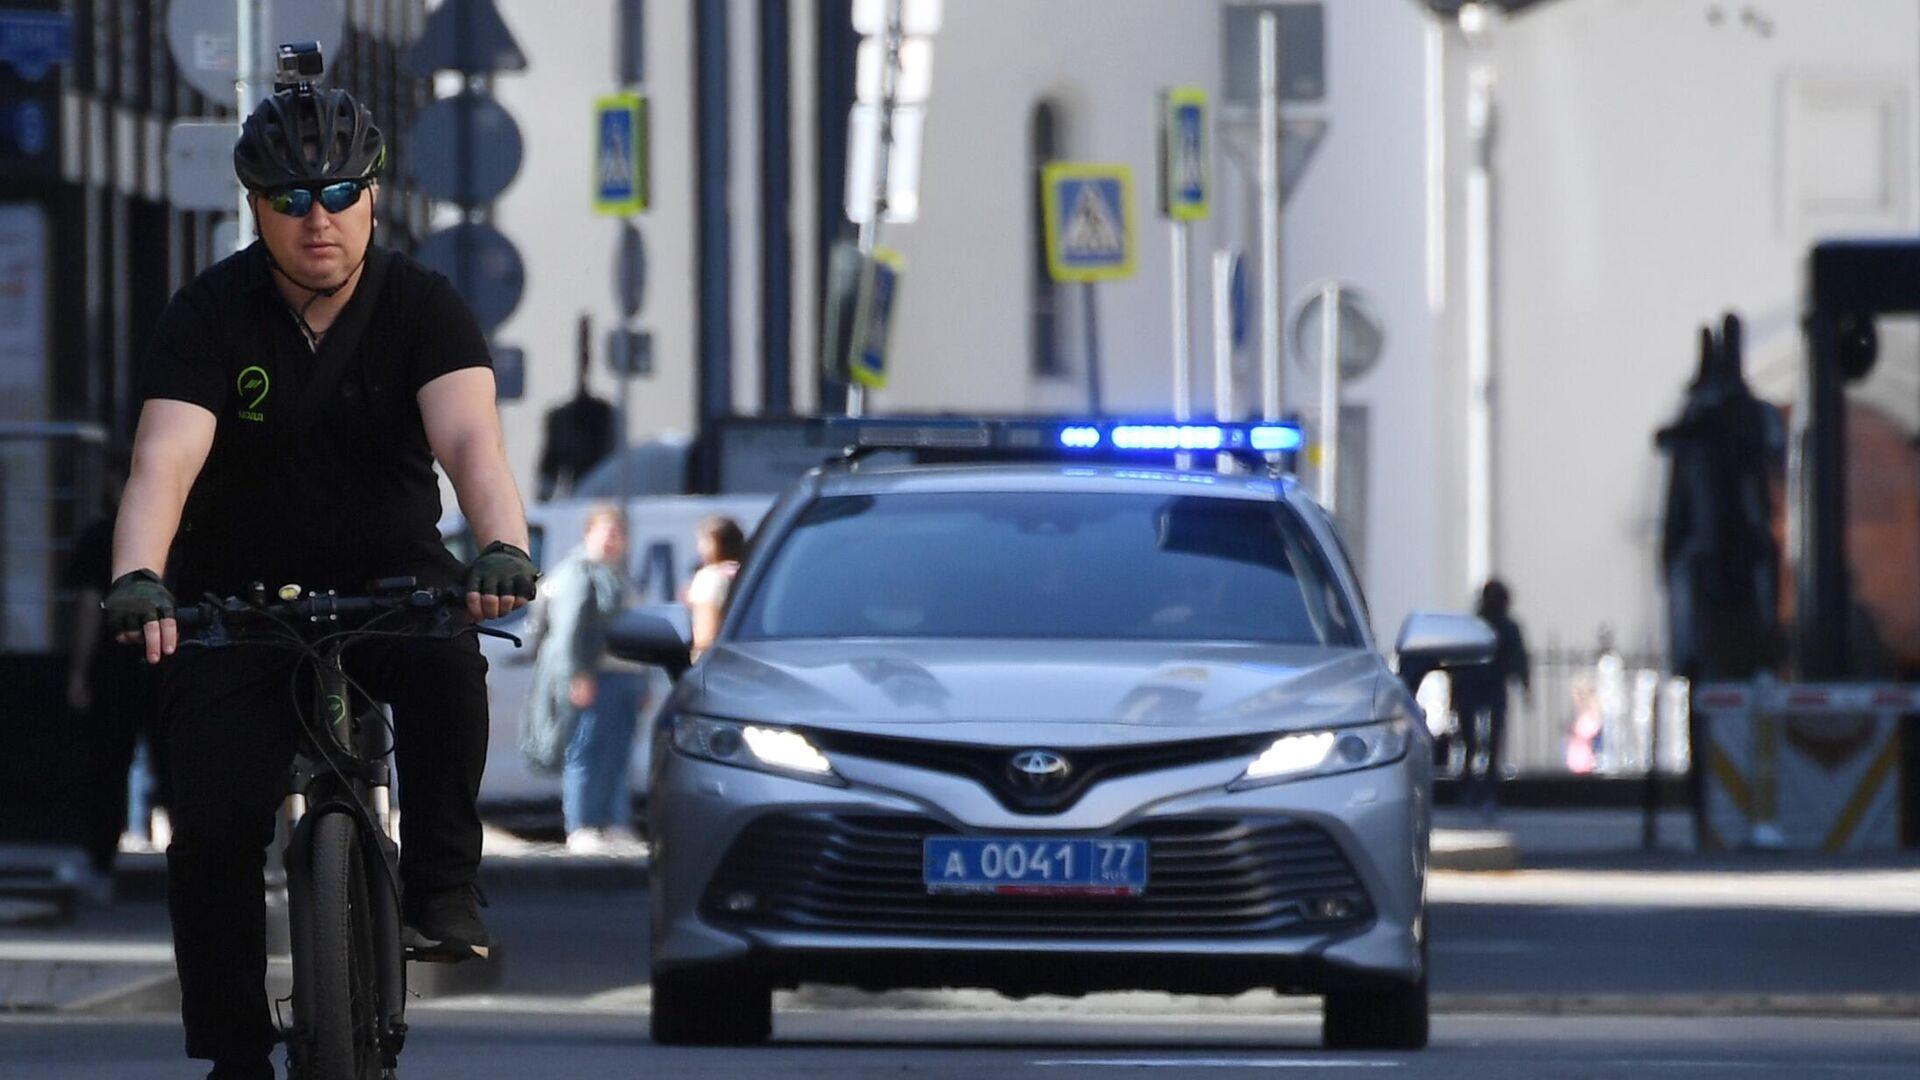 В Новой Москве задержали приезжего, подозреваемого в изнасиловании